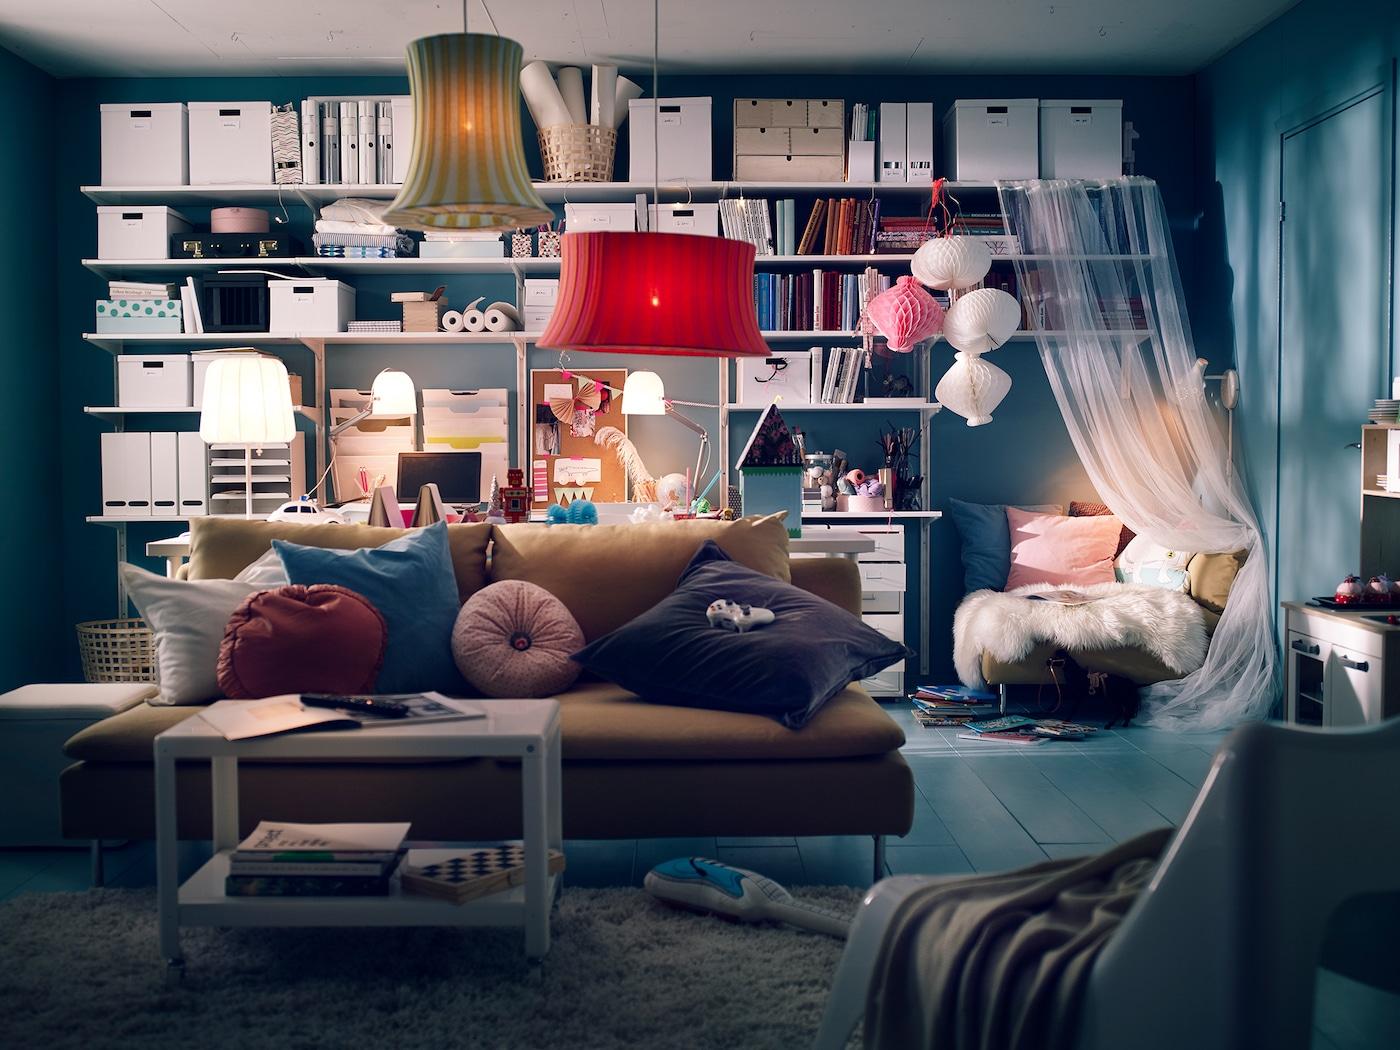 Ein Wohnzimmer mit einem Sofa, hinter dem ein Schreibtisch & ein großes Regalsystem steht.